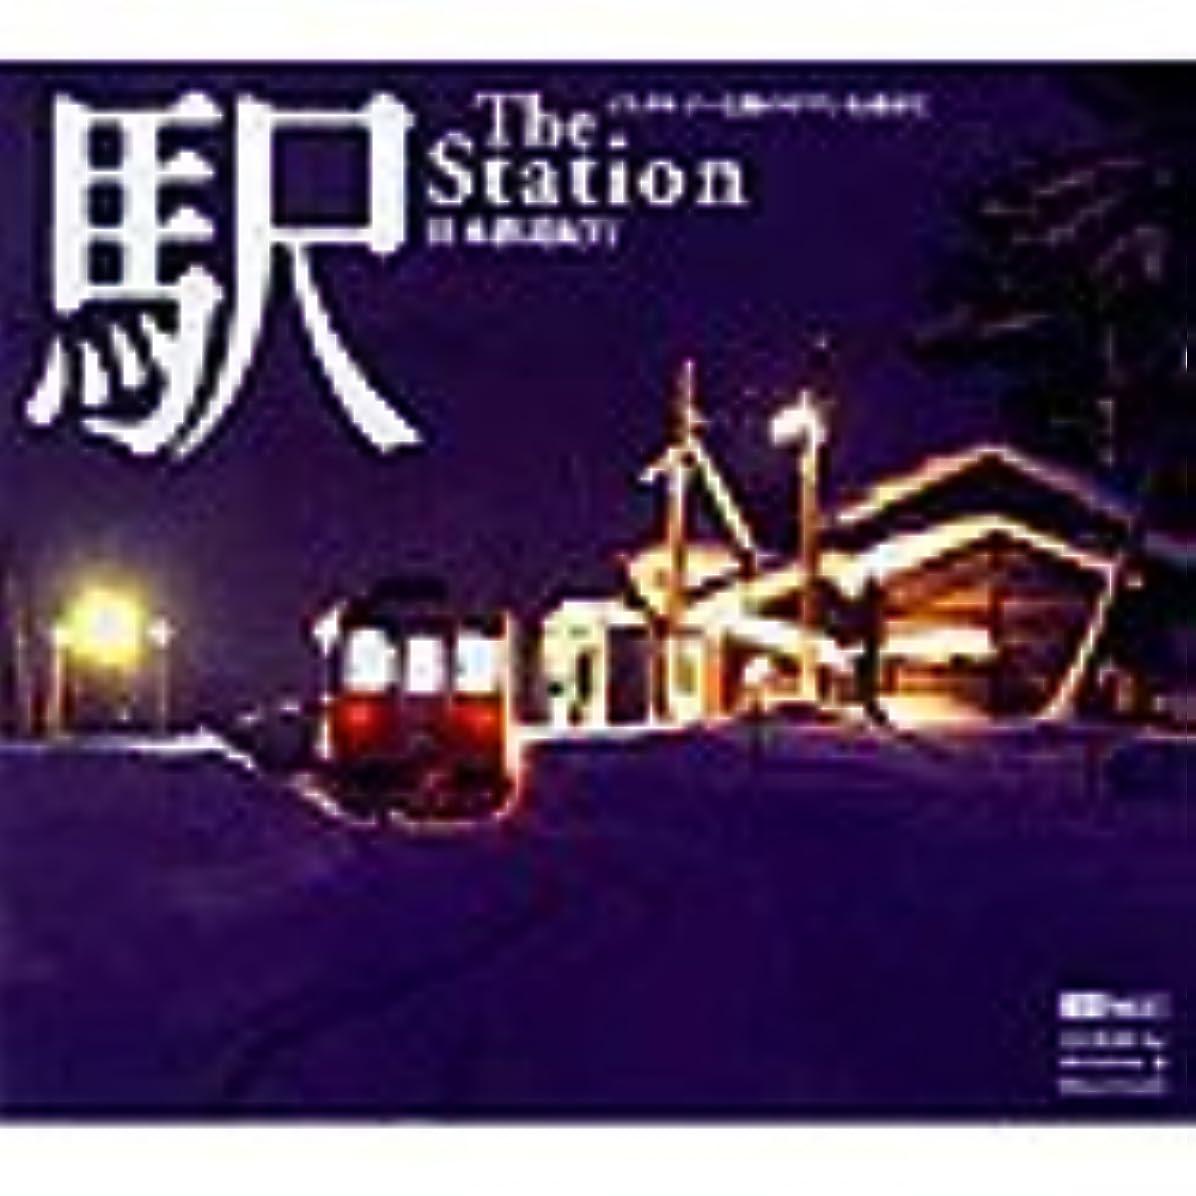 海洋狭い膨らませる日本鉄道紀行 駅 The Station ノスタルジーと旅のロマンを求めて